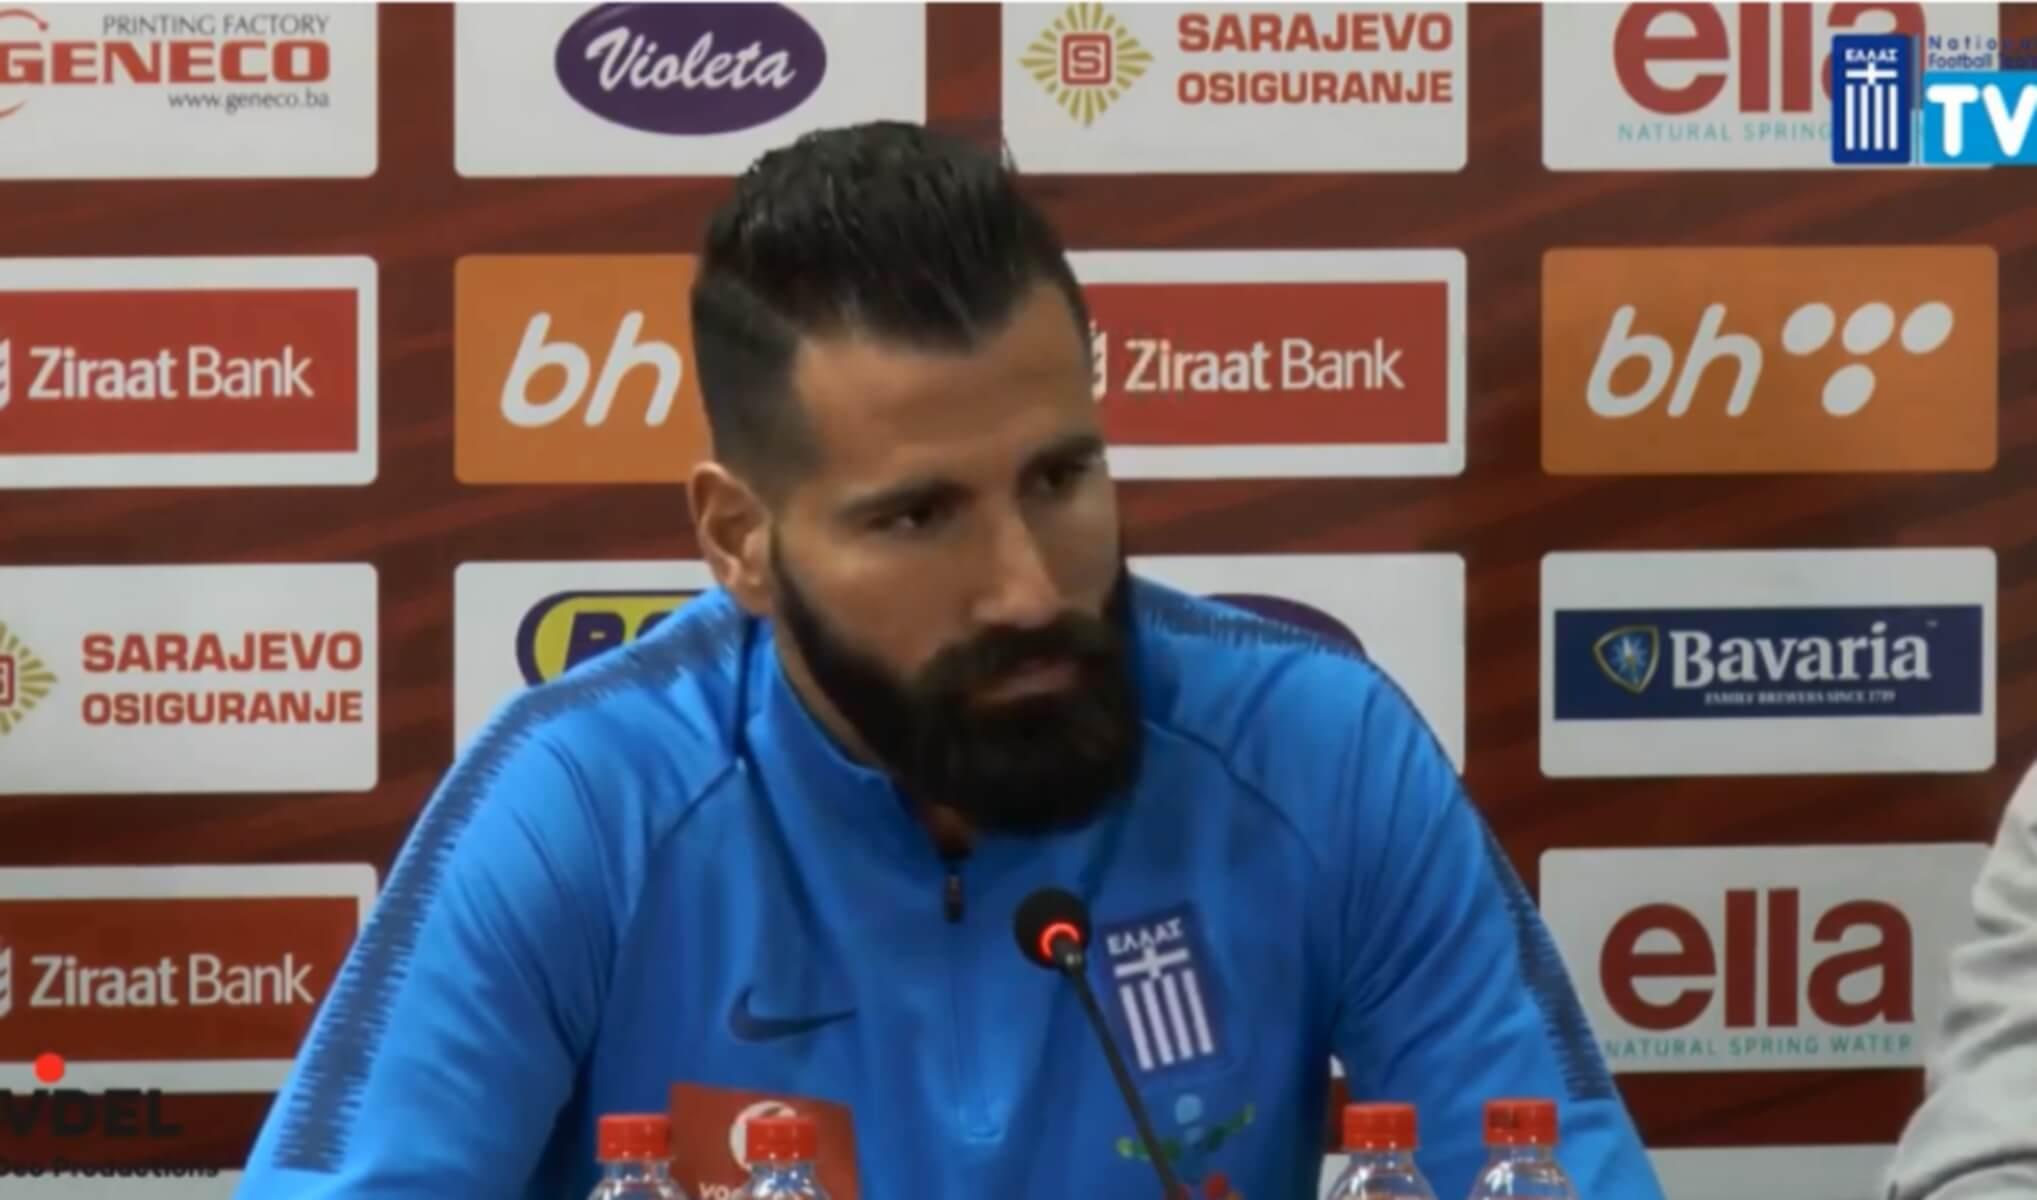 """Βοσνία – Ελλάδα: """"Έχουμε αντιμετωπίσει και πιο καλούς παίκτες από τον Τζέκο"""""""